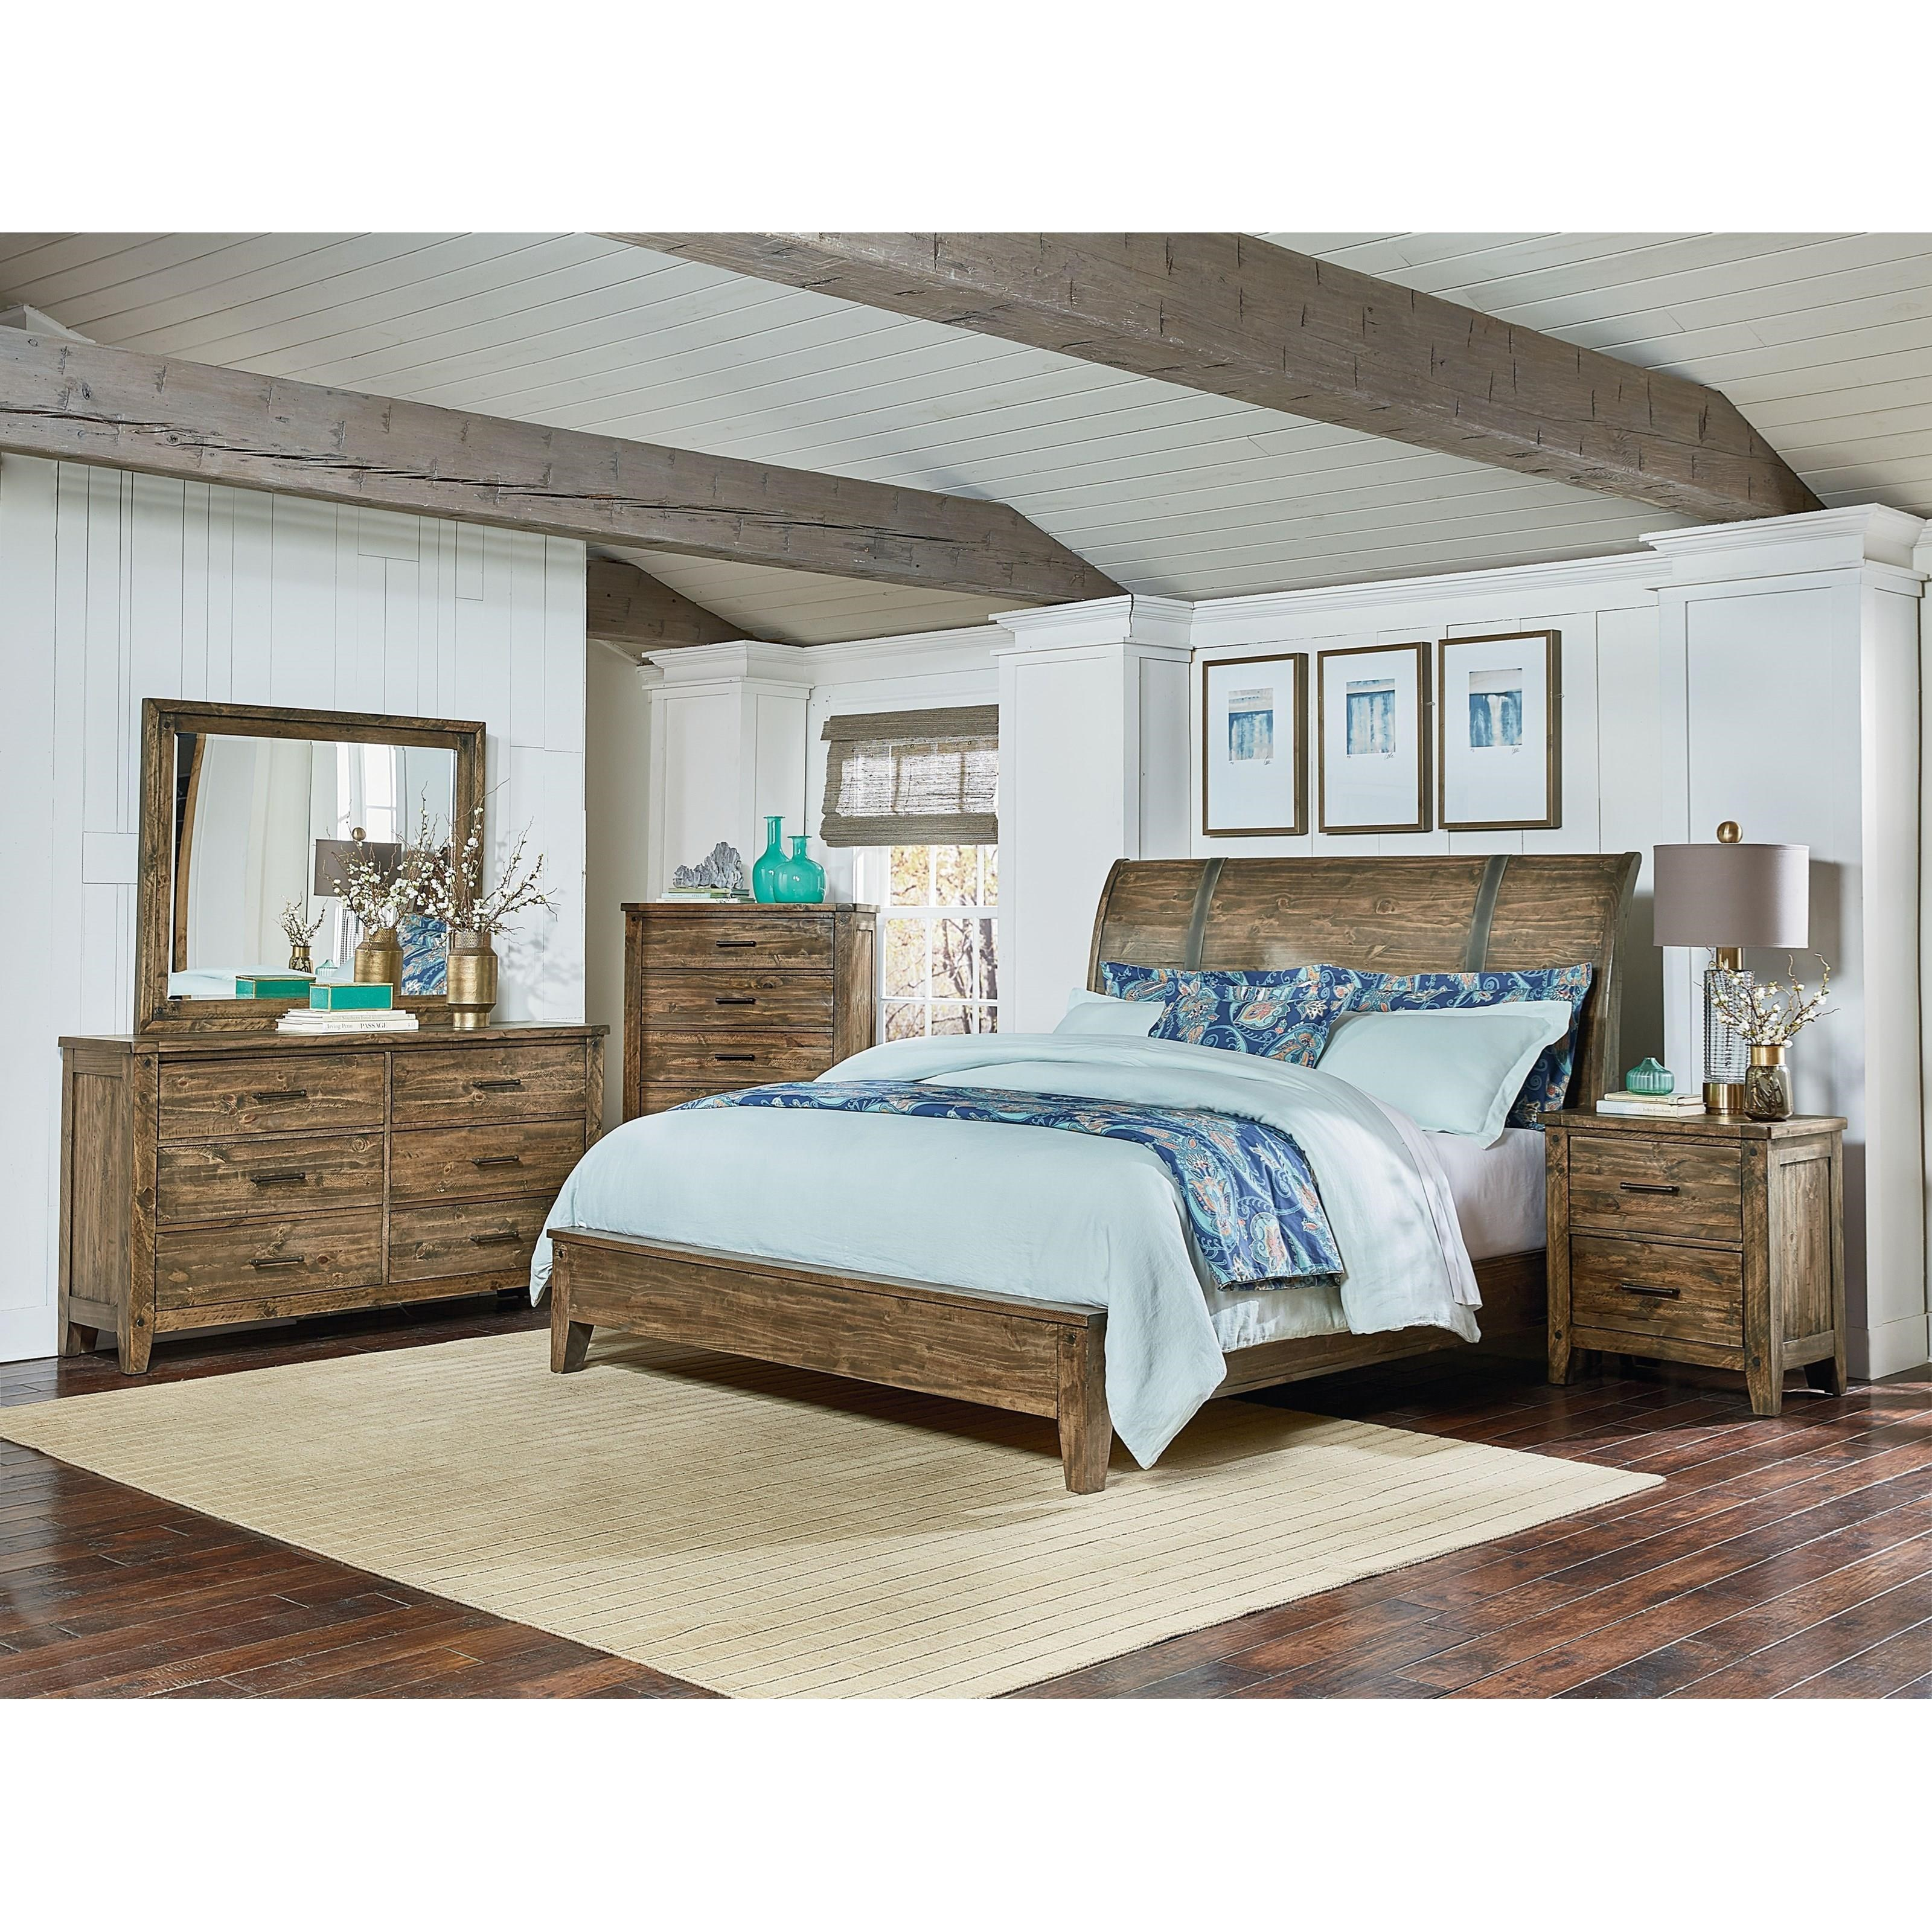 Queen Sleigh Bed, Dresser, Mirror & Nightstand